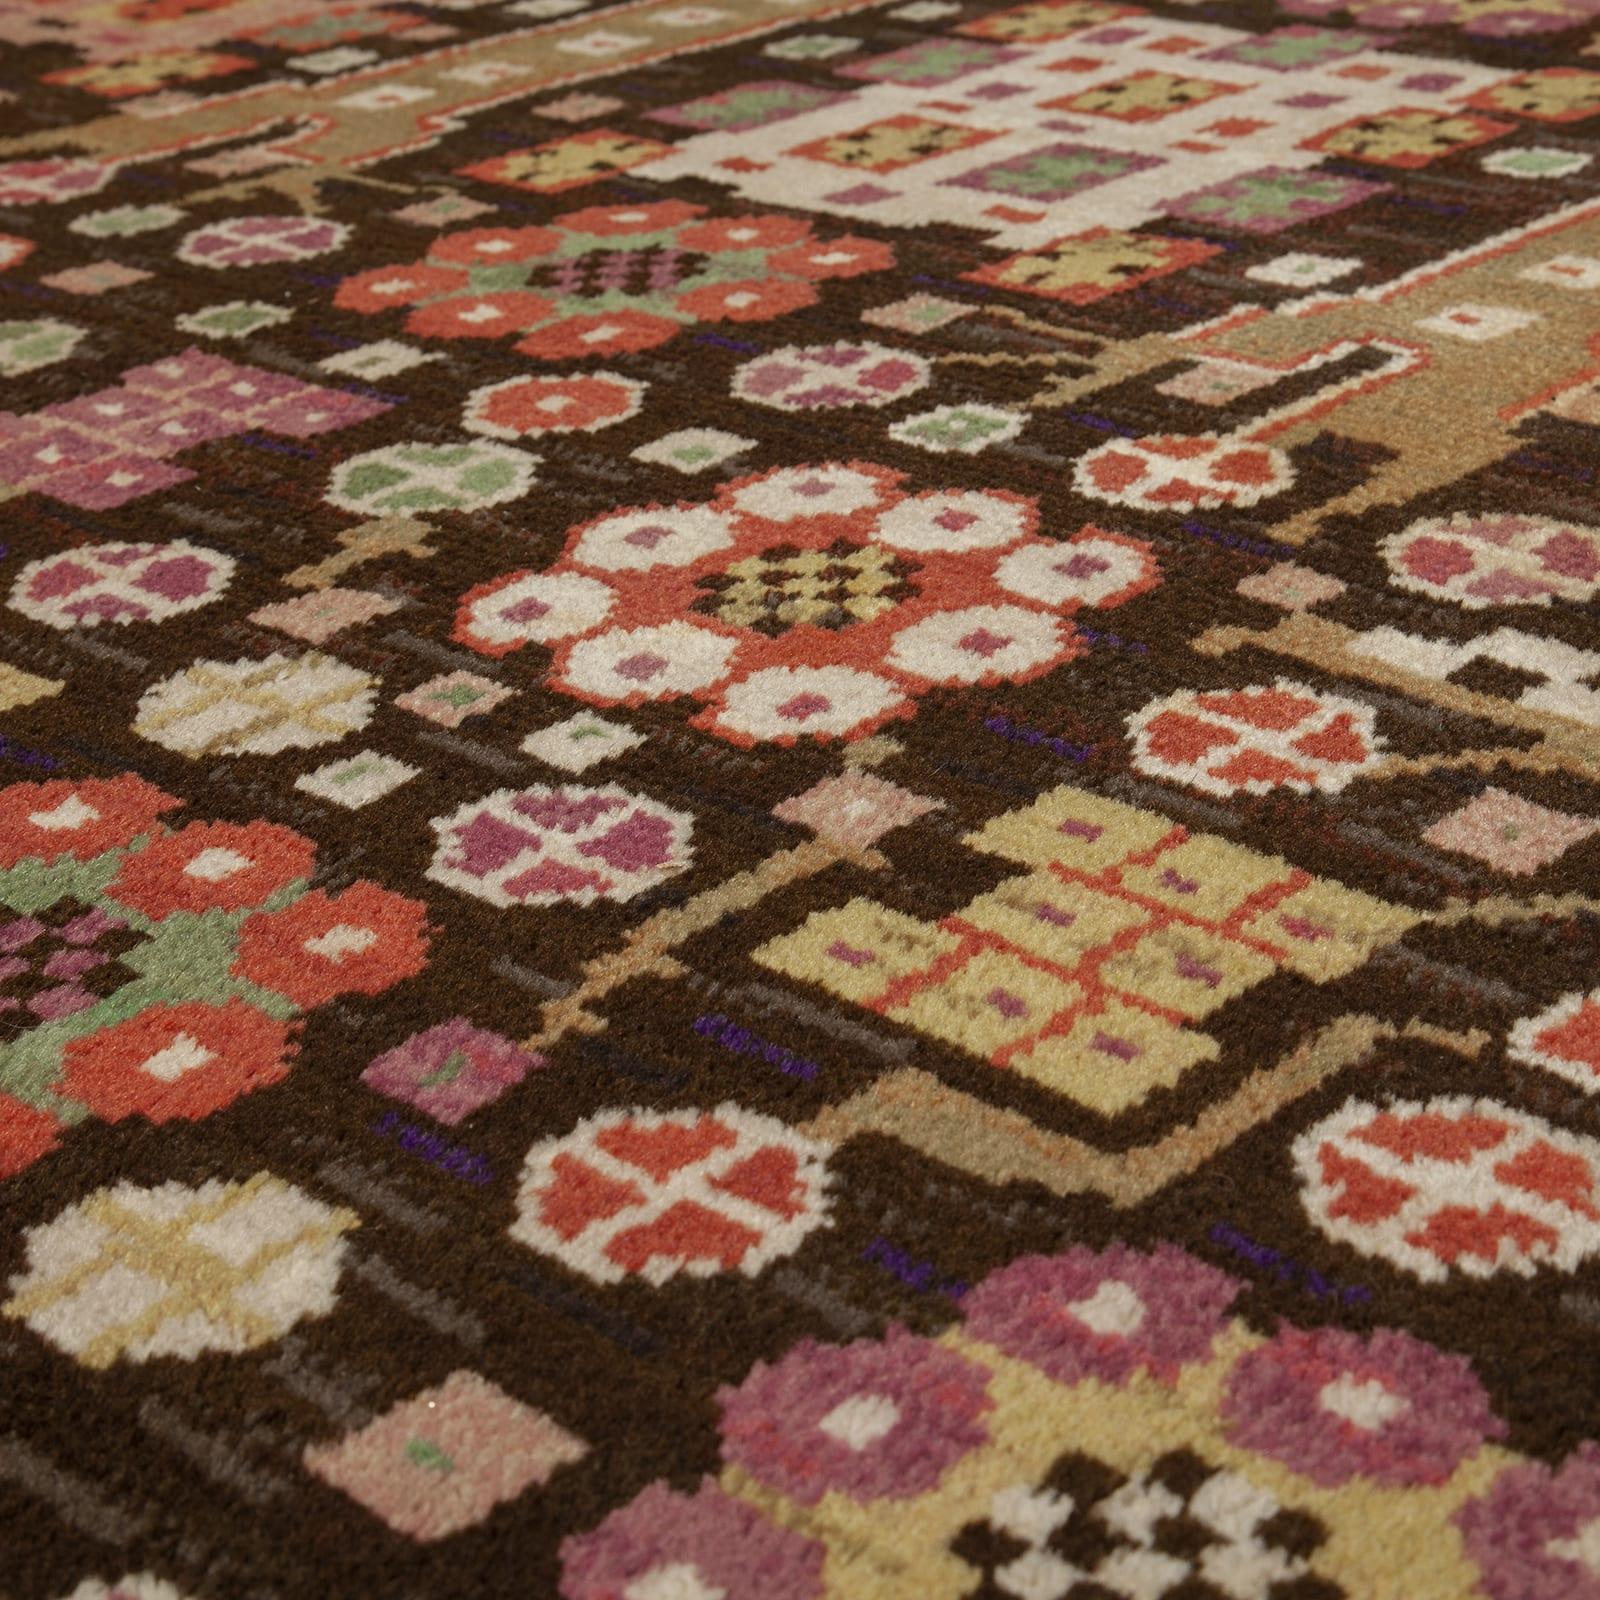 A rug, 'Svarta Trädgårdsmattan'